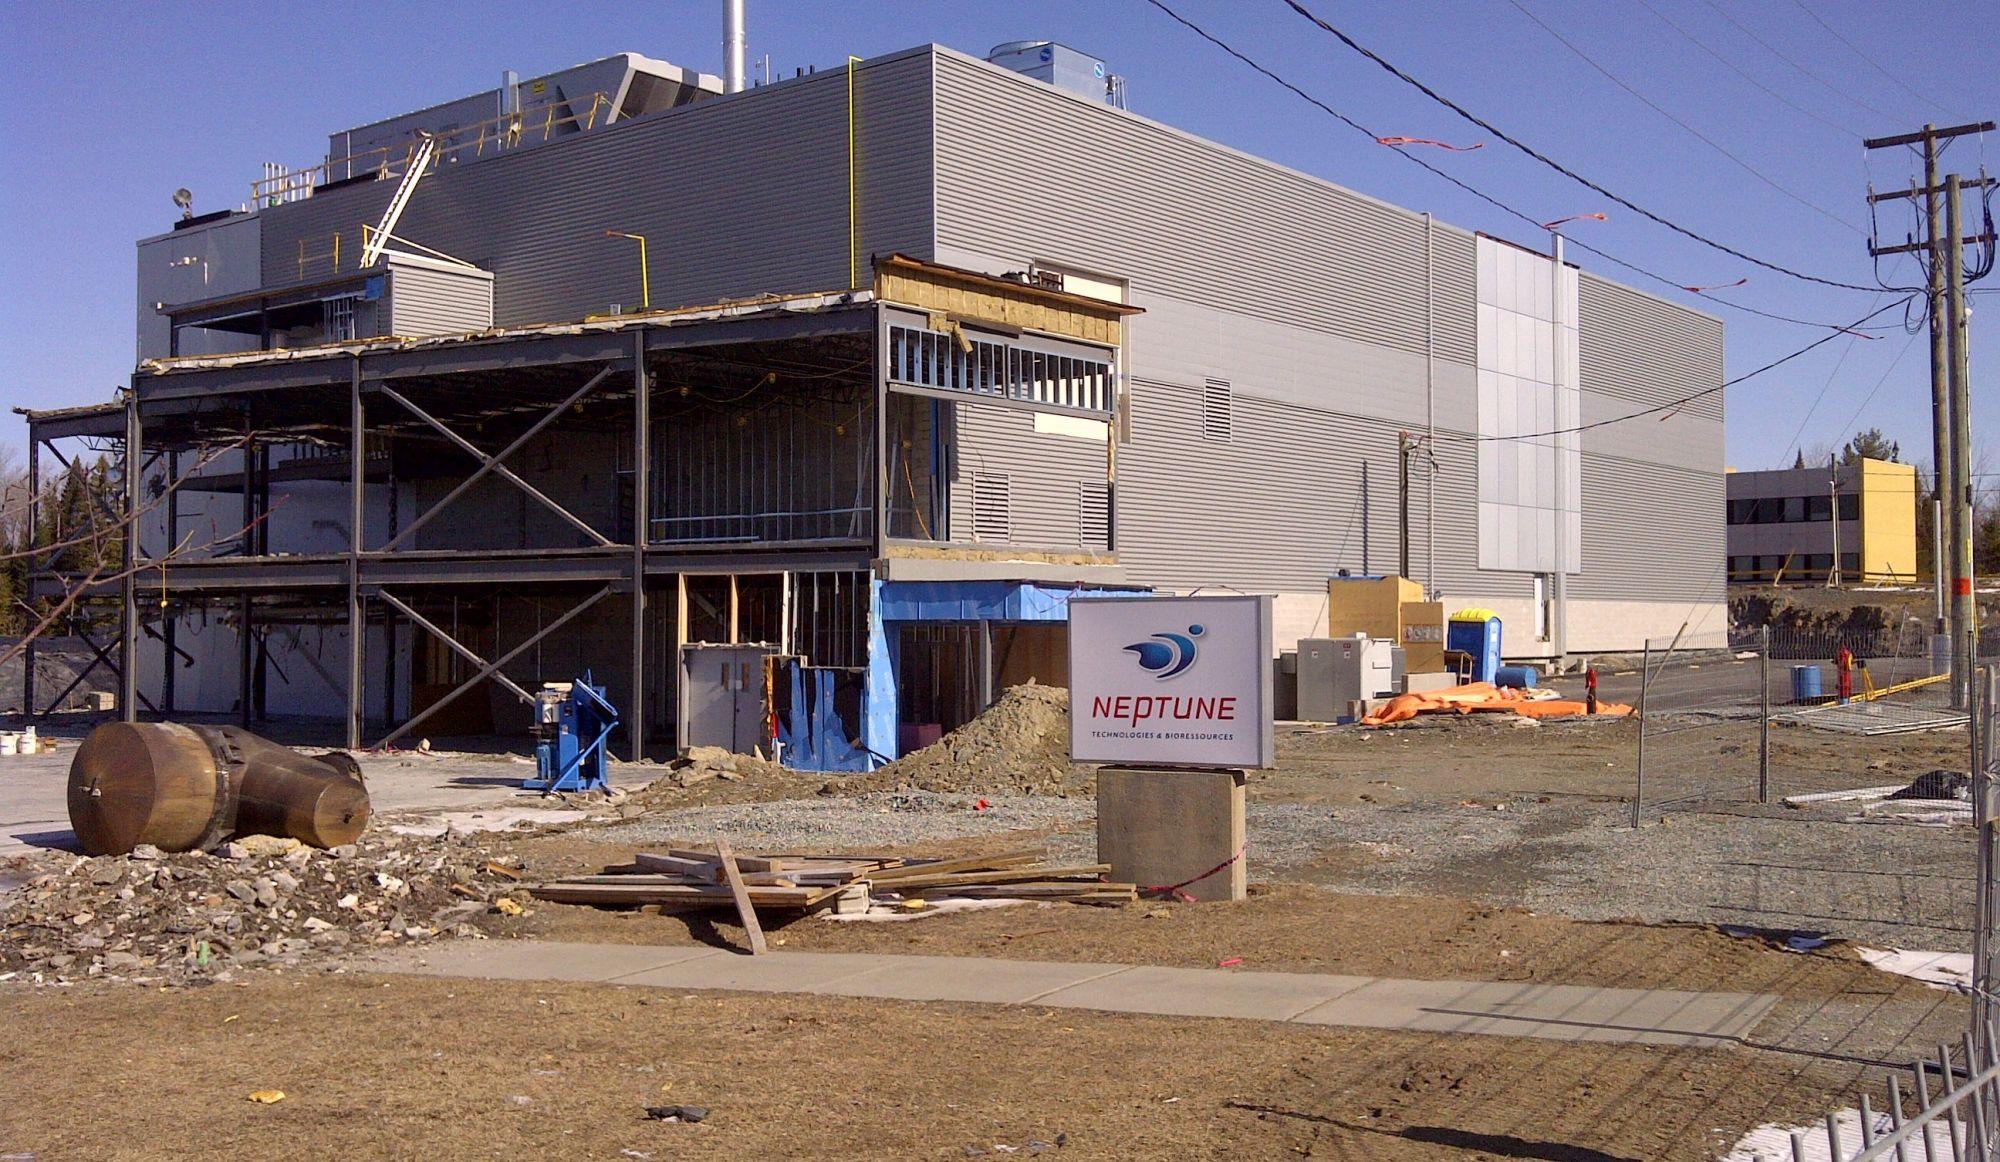 Neptune investit 5 M$ pour convertir son usine